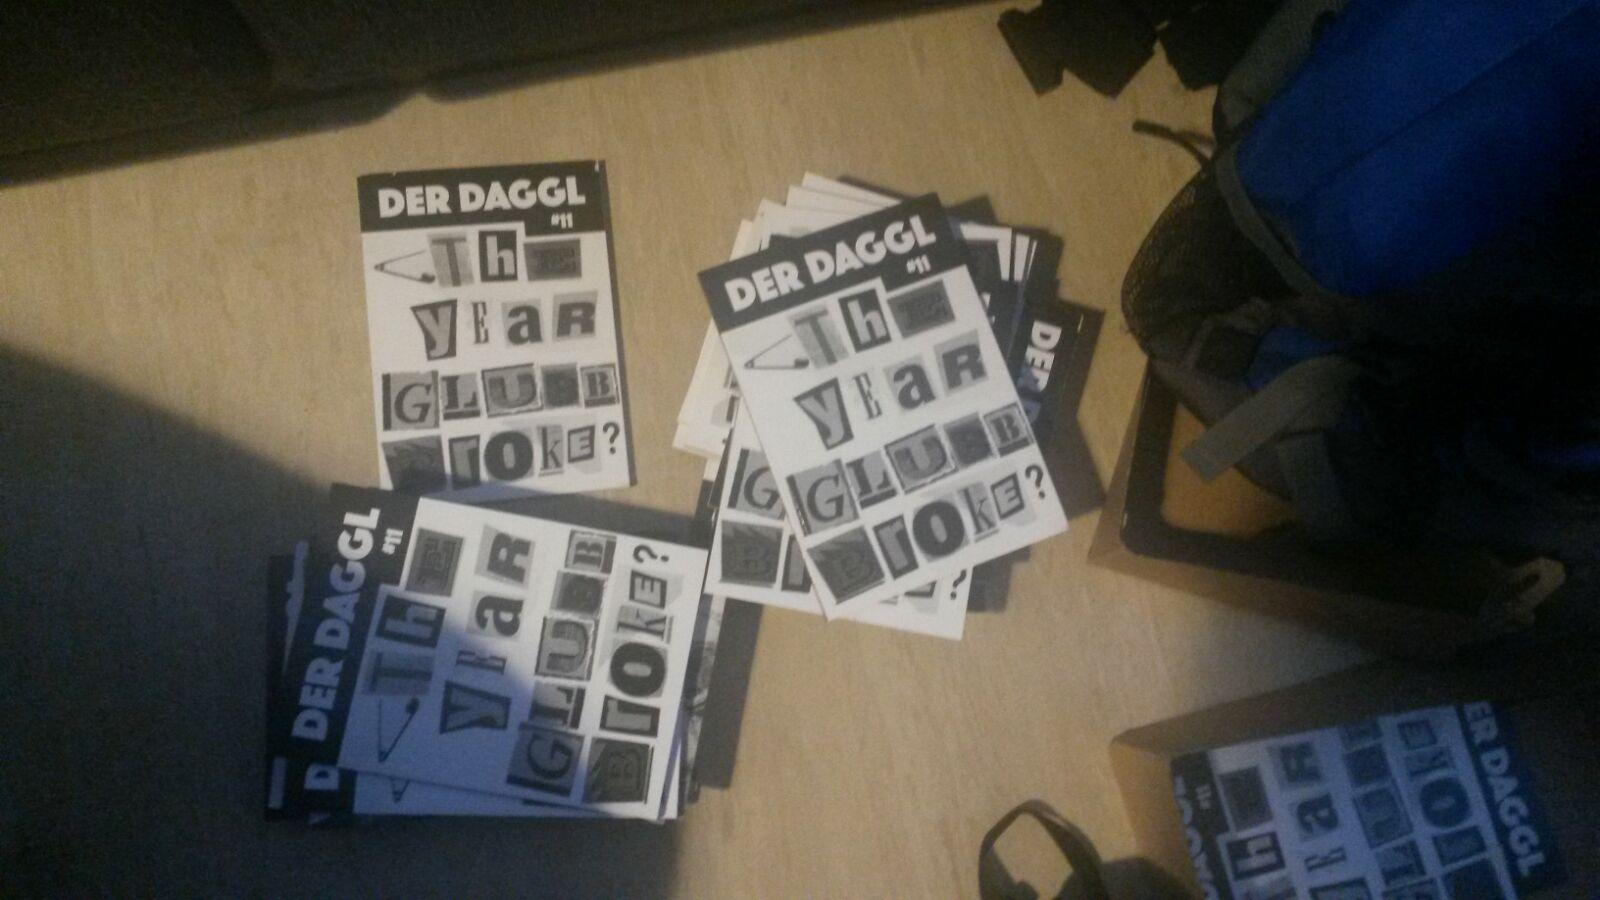 Restausgaben Daggl